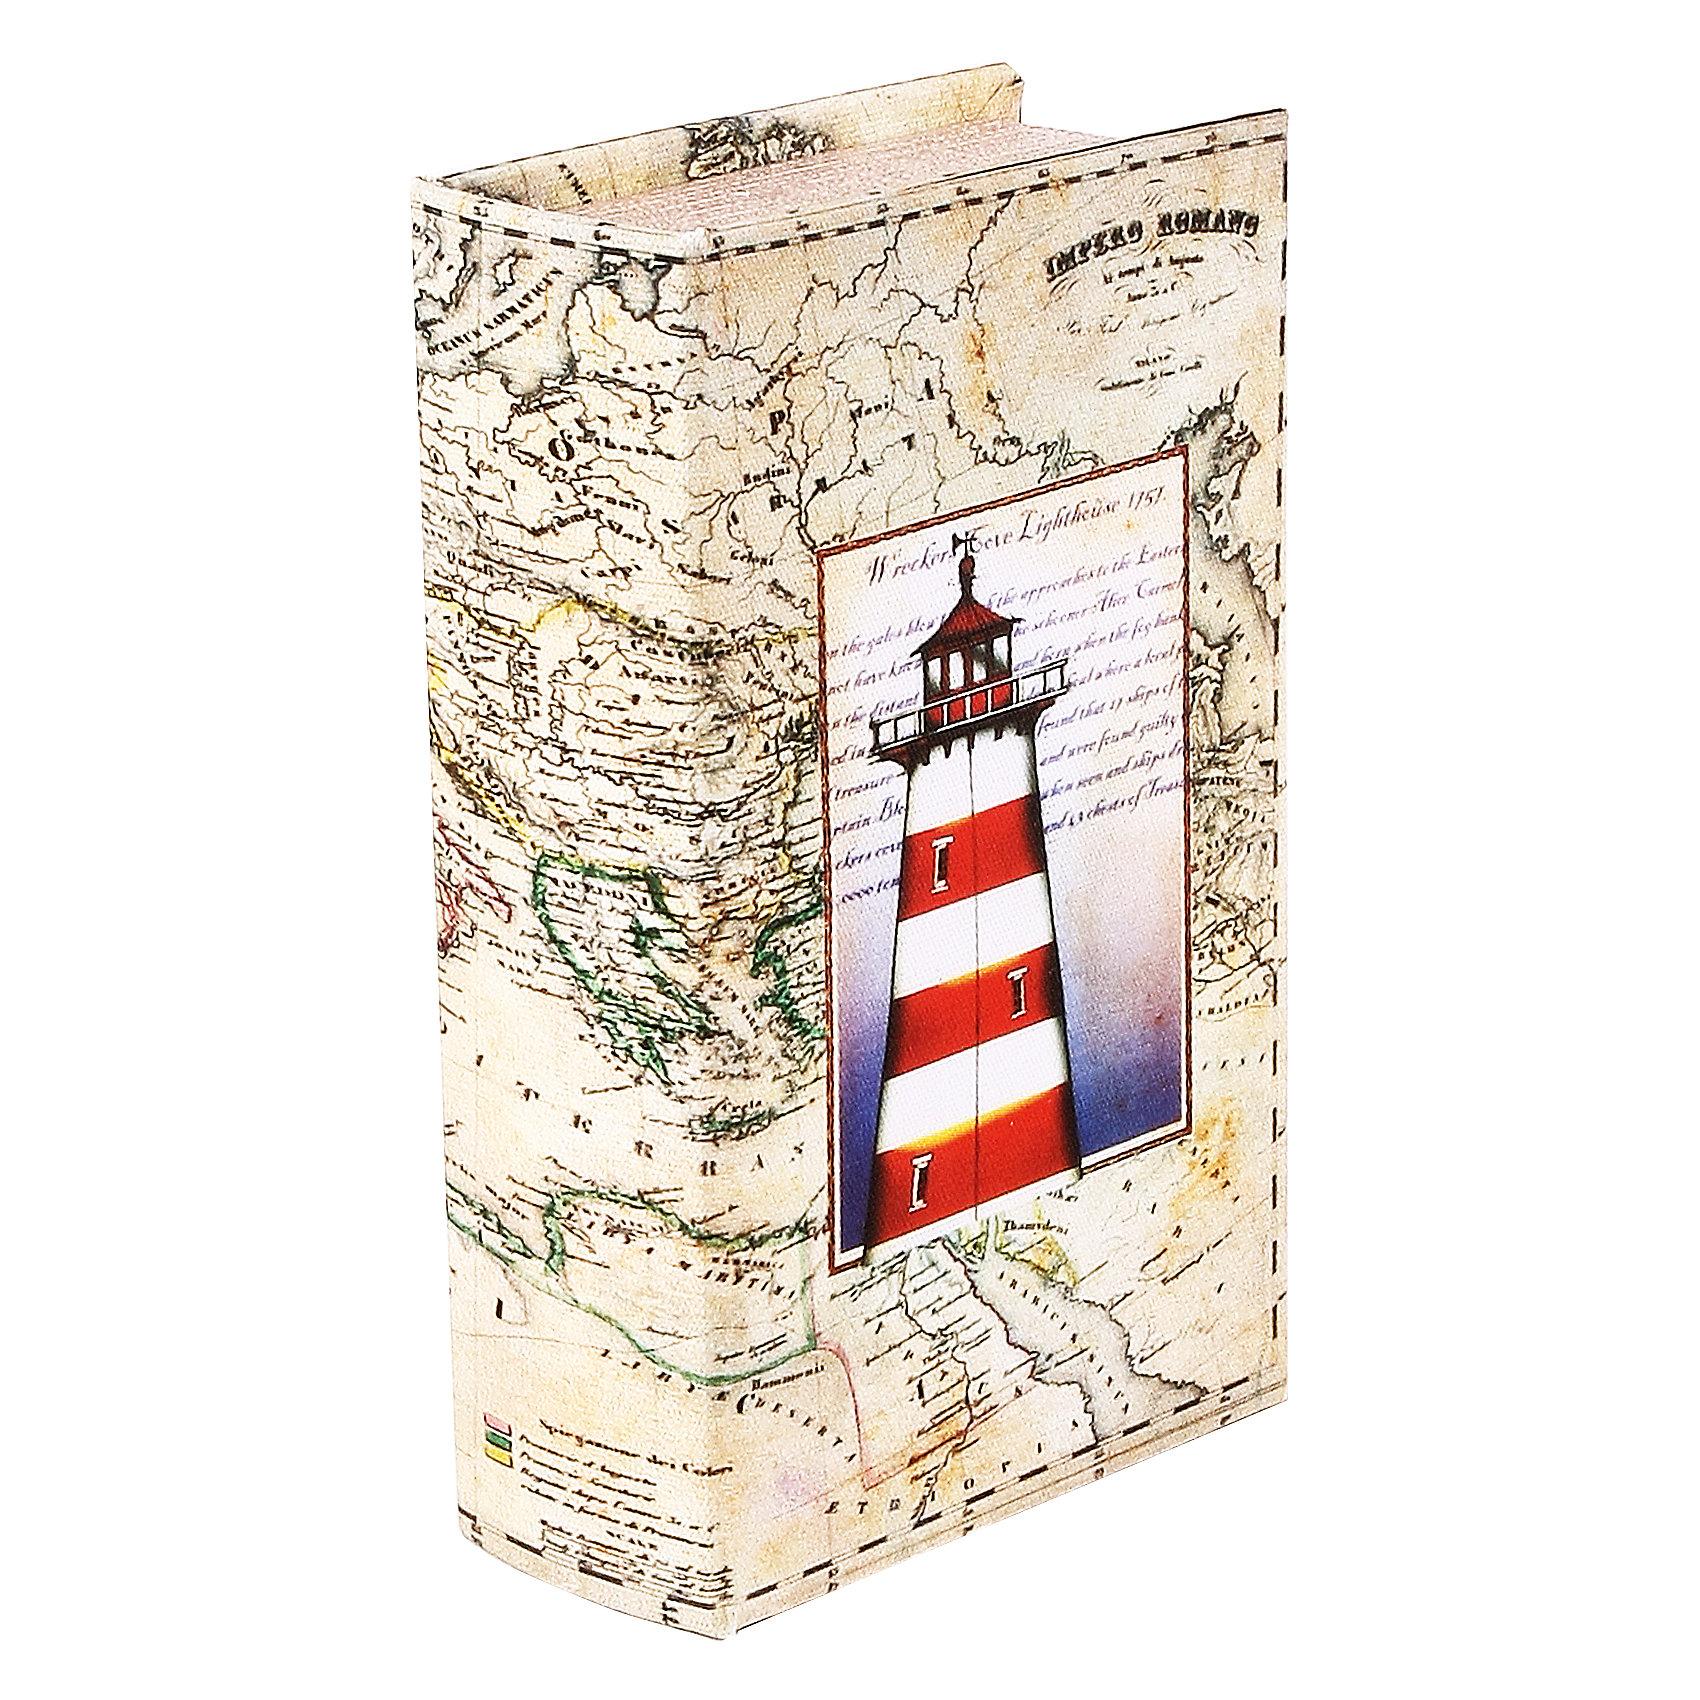 Шкатулка Маяк  17*11*5 смШкатулка Маяк может служить упаковкой для подарка или же полноценным сувениром на любой праздник. Выполнена из  мелованного, ламинированного, негофрированного картона, с полноцветным декоративным рисунком на внутренней и наружной части.<br><br>Дополнительная информация:<br><br>- Материал: МДФ.<br>- Цвет:  белый, красный.<br>- Размер: 17х11х5 см.<br><br>Шкатулку Маяк 17х11х5 см можно купить в нашем магазине.<br><br>Ширина мм: 170<br>Глубина мм: 50<br>Высота мм: 110<br>Вес г: 307<br>Возраст от месяцев: 36<br>Возраст до месяцев: 2147483647<br>Пол: Унисекс<br>Возраст: Детский<br>SKU: 4087356